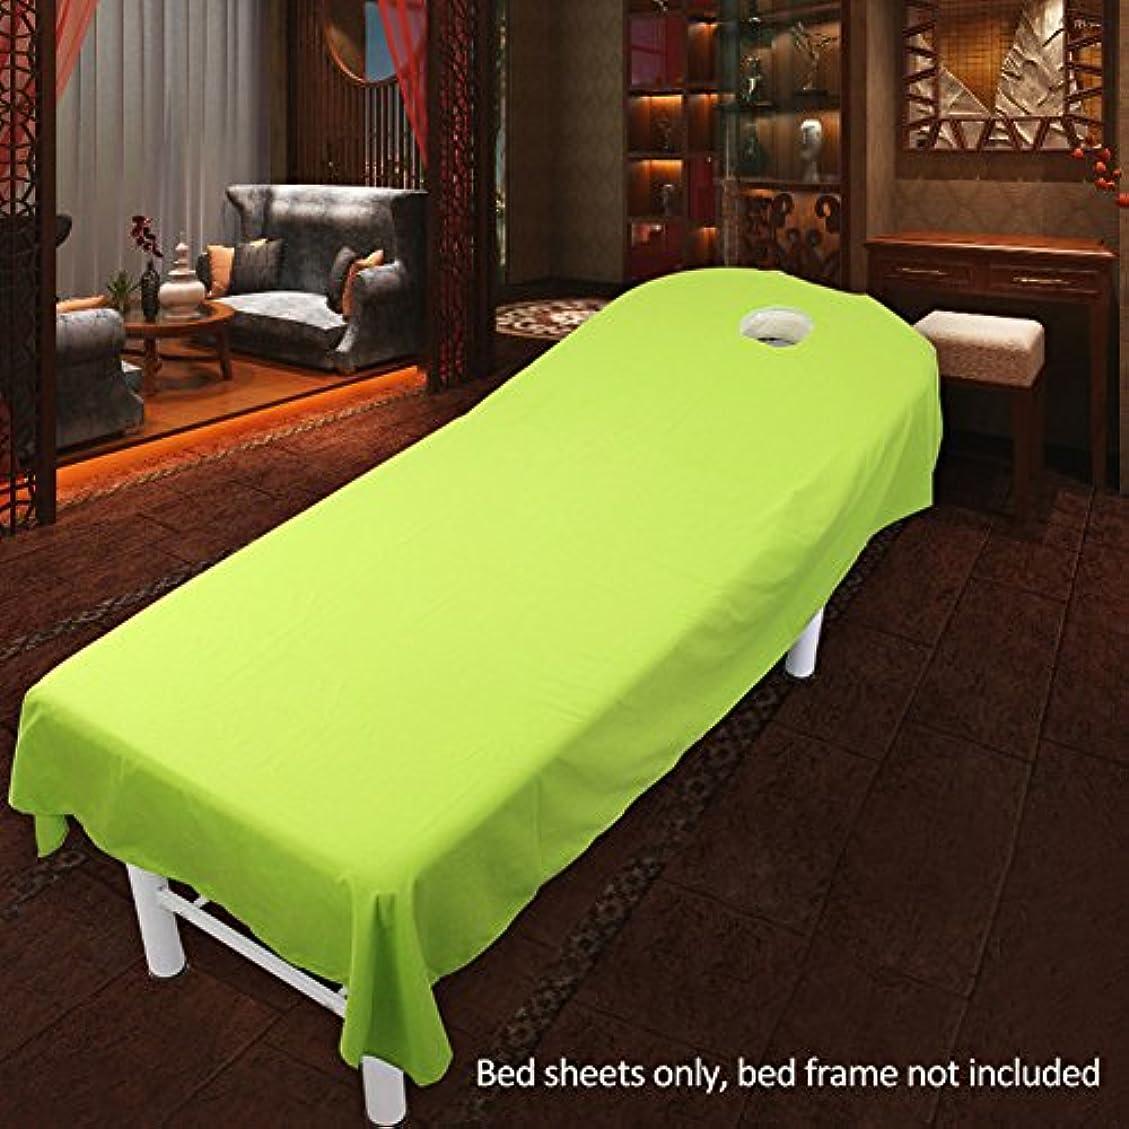 比喩葉っぱはっきりとマッサージベッドシーツカバー、化粧ベッドシーツカバーSPAマッサージトリートメントベッドテーブルカバーシーツ美容化粧品マッサージスポンジフィットシート(80cmx190cm,緑)